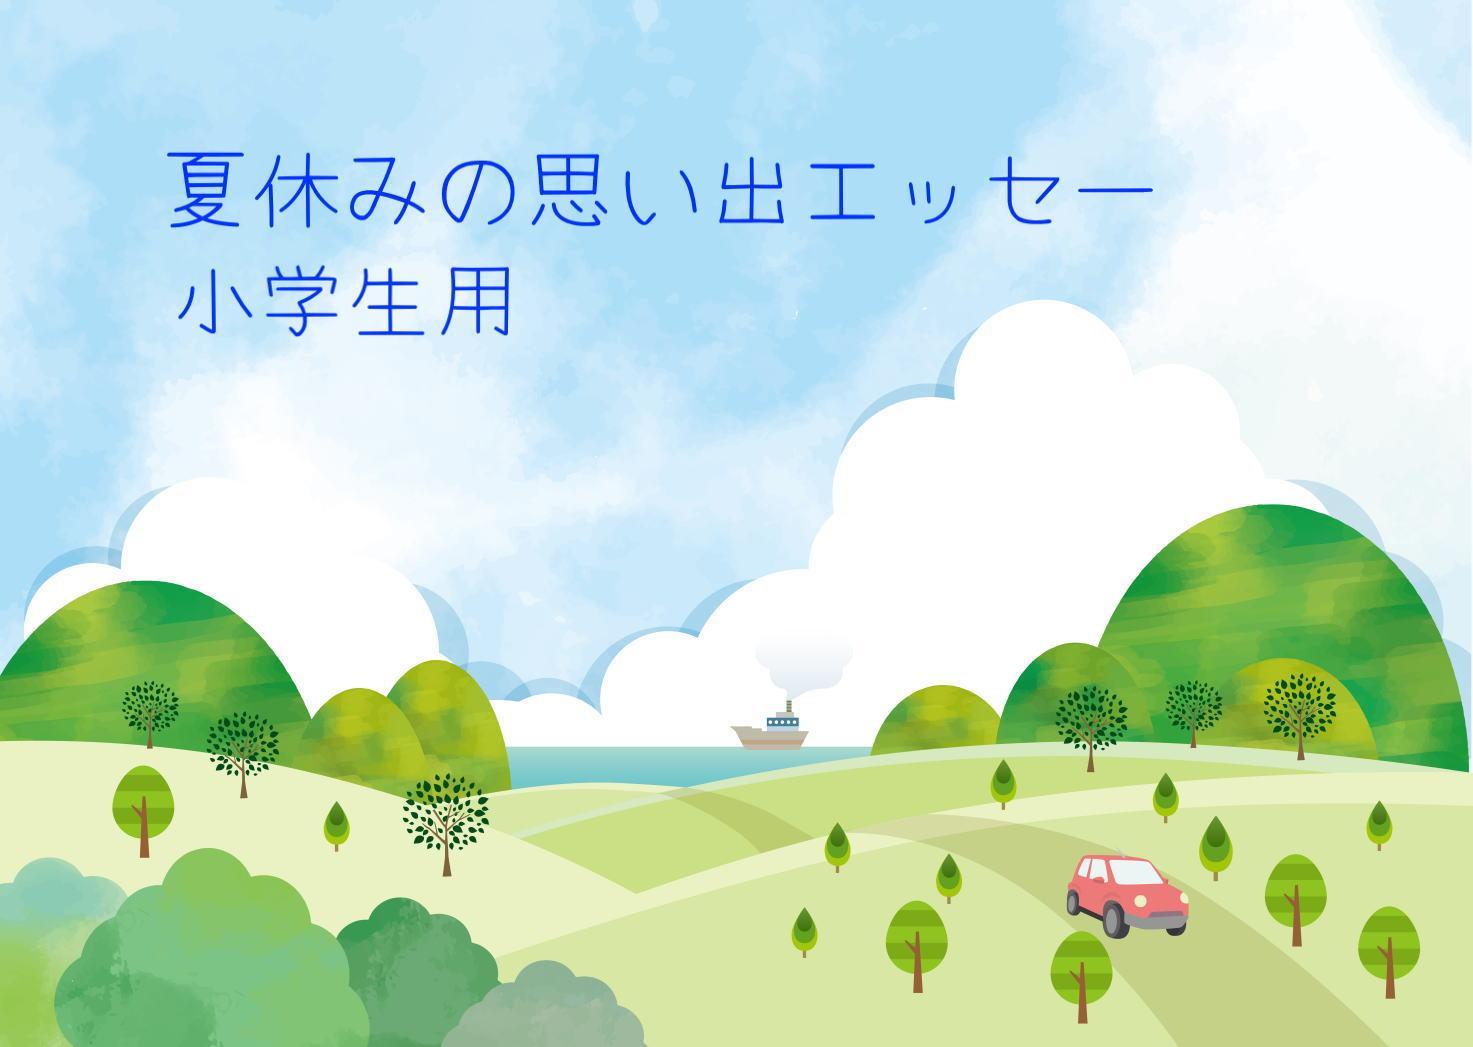 過去形を使って「夏休みの思い出エッセー」を書く活動〔小学生用〕